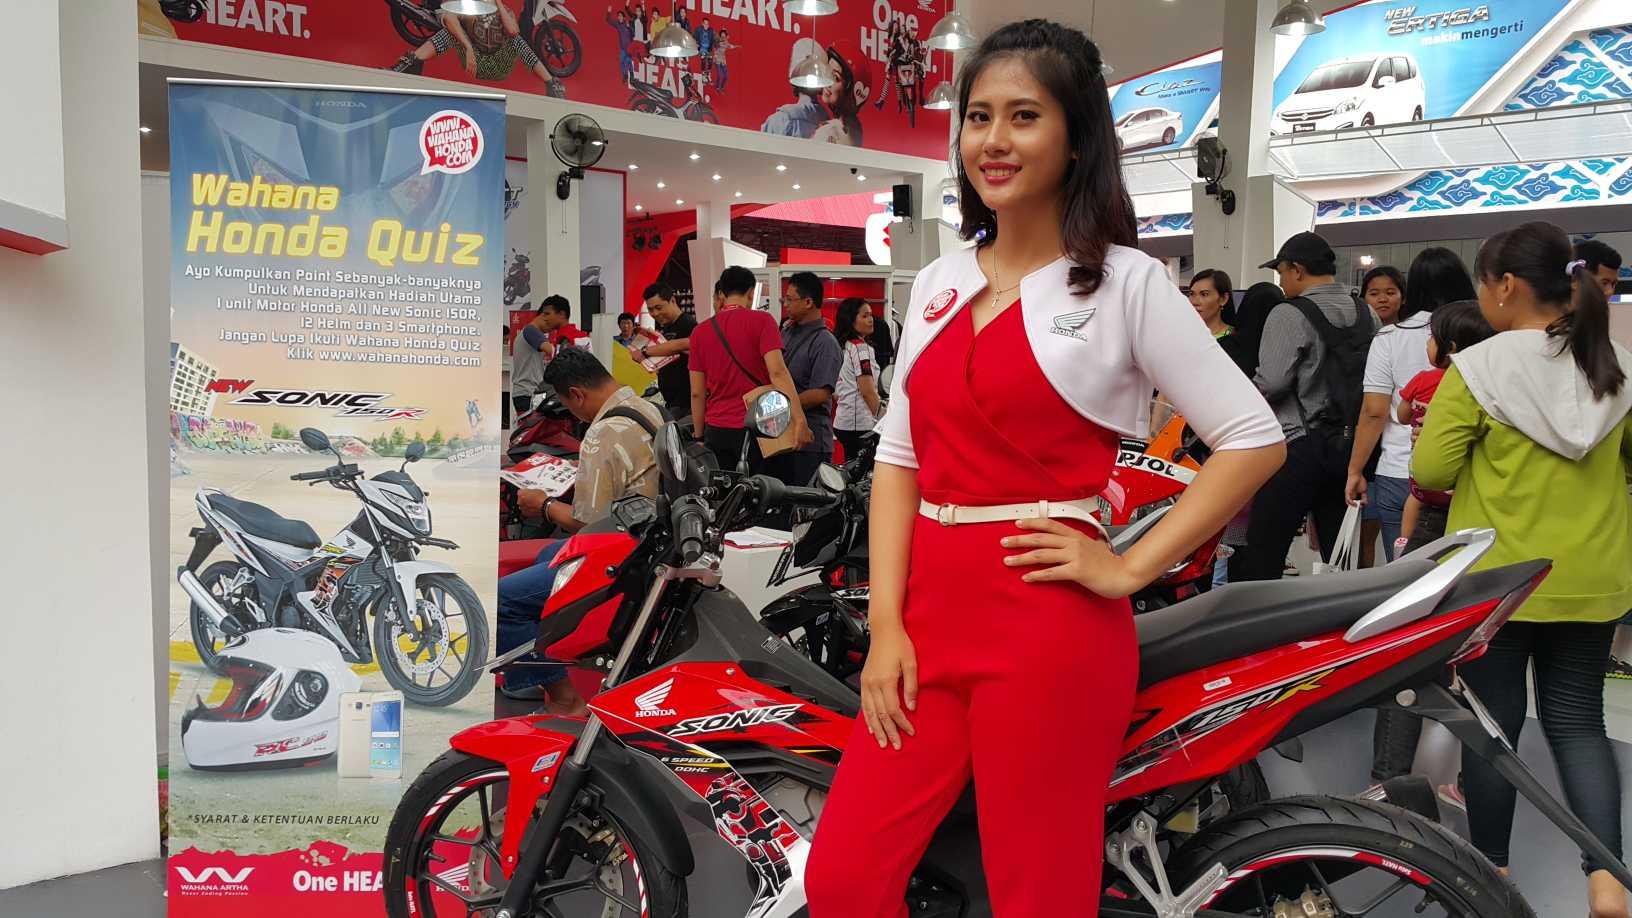 Wahana Honda Tawarkan Promo dan Paket Suku Cadang di PRJ